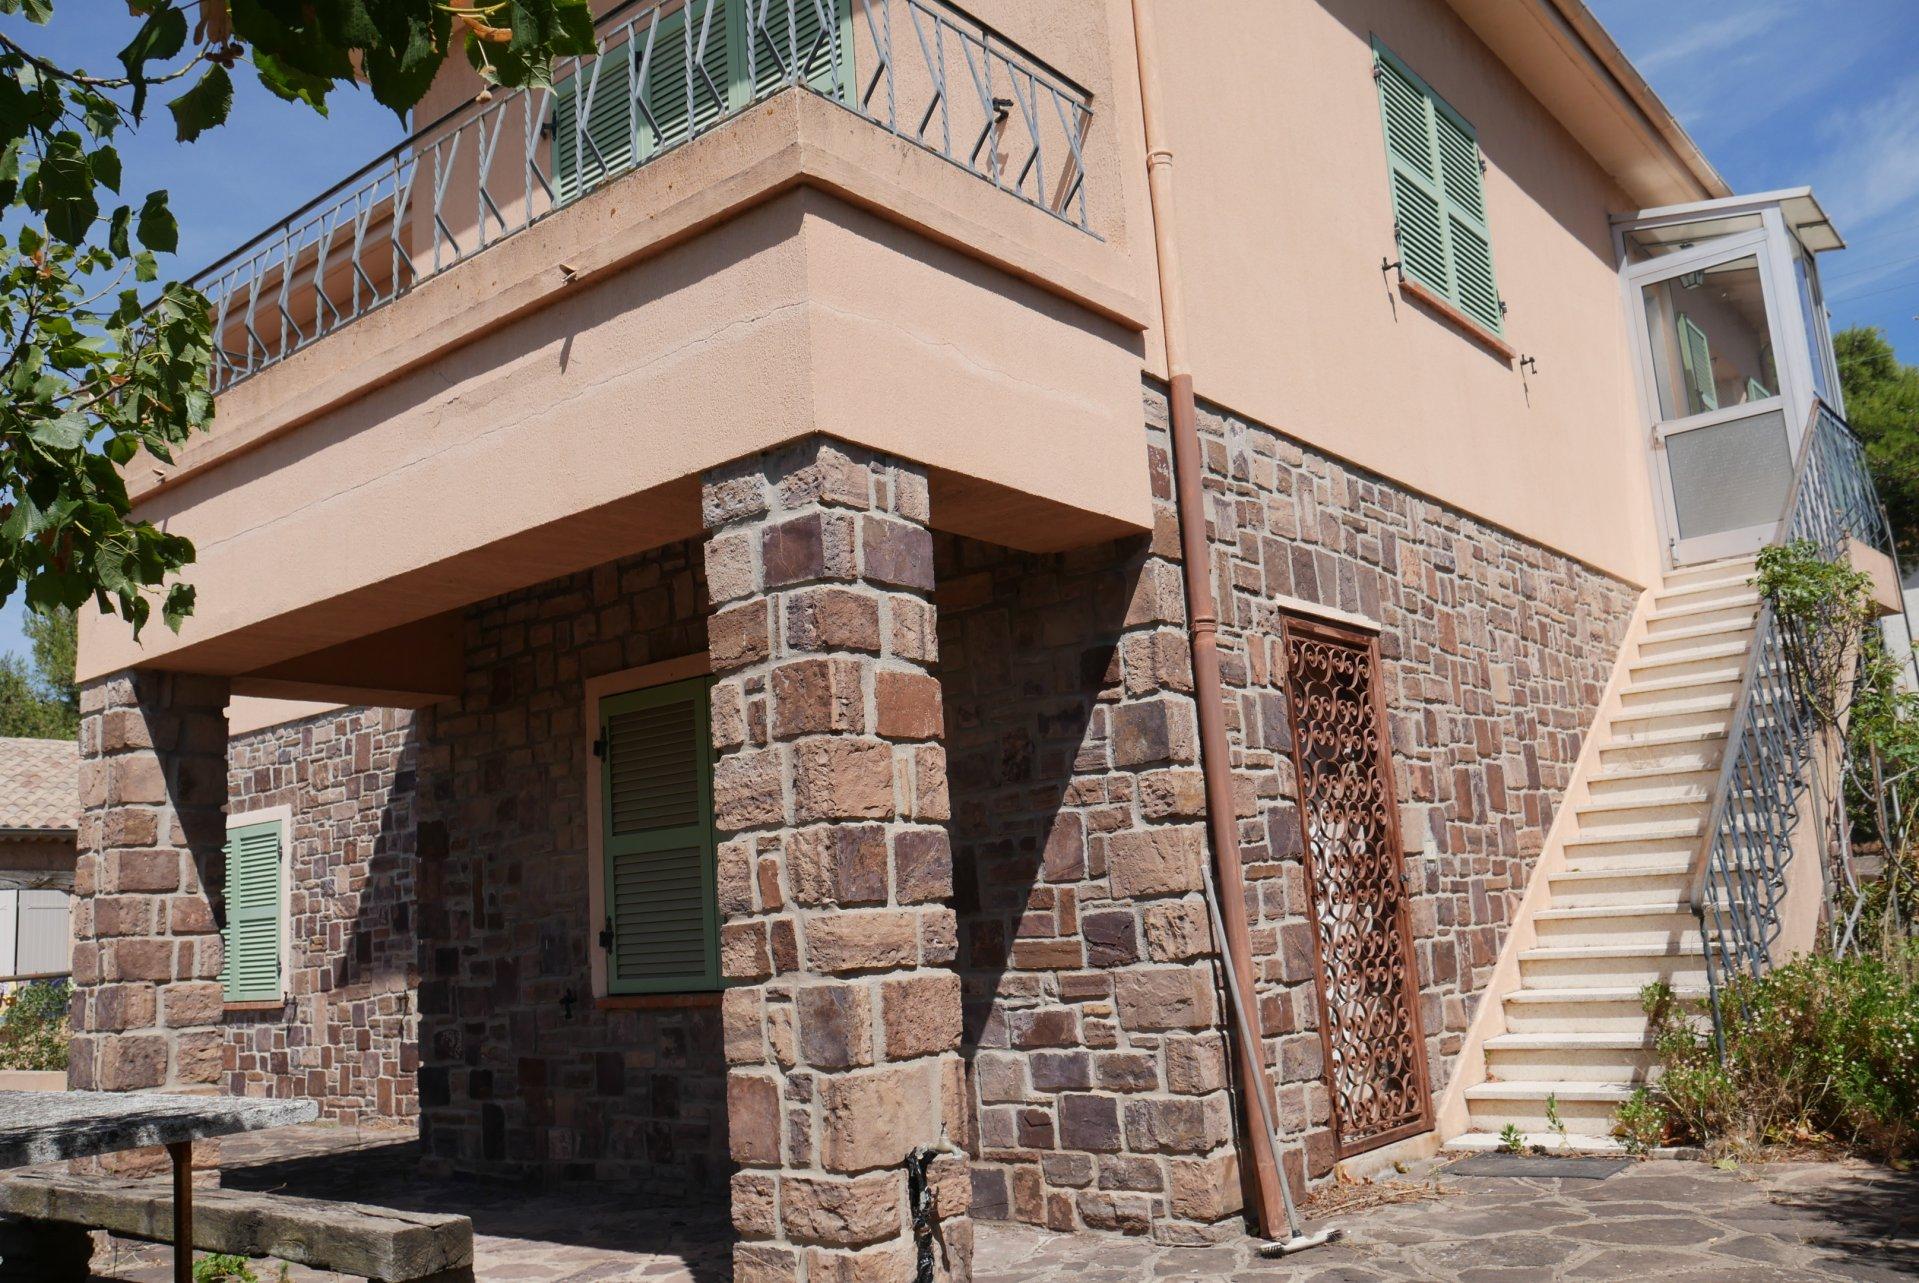 PUGET SUR ARGENS-Maison individuelle de 120 + 100 m² atelier